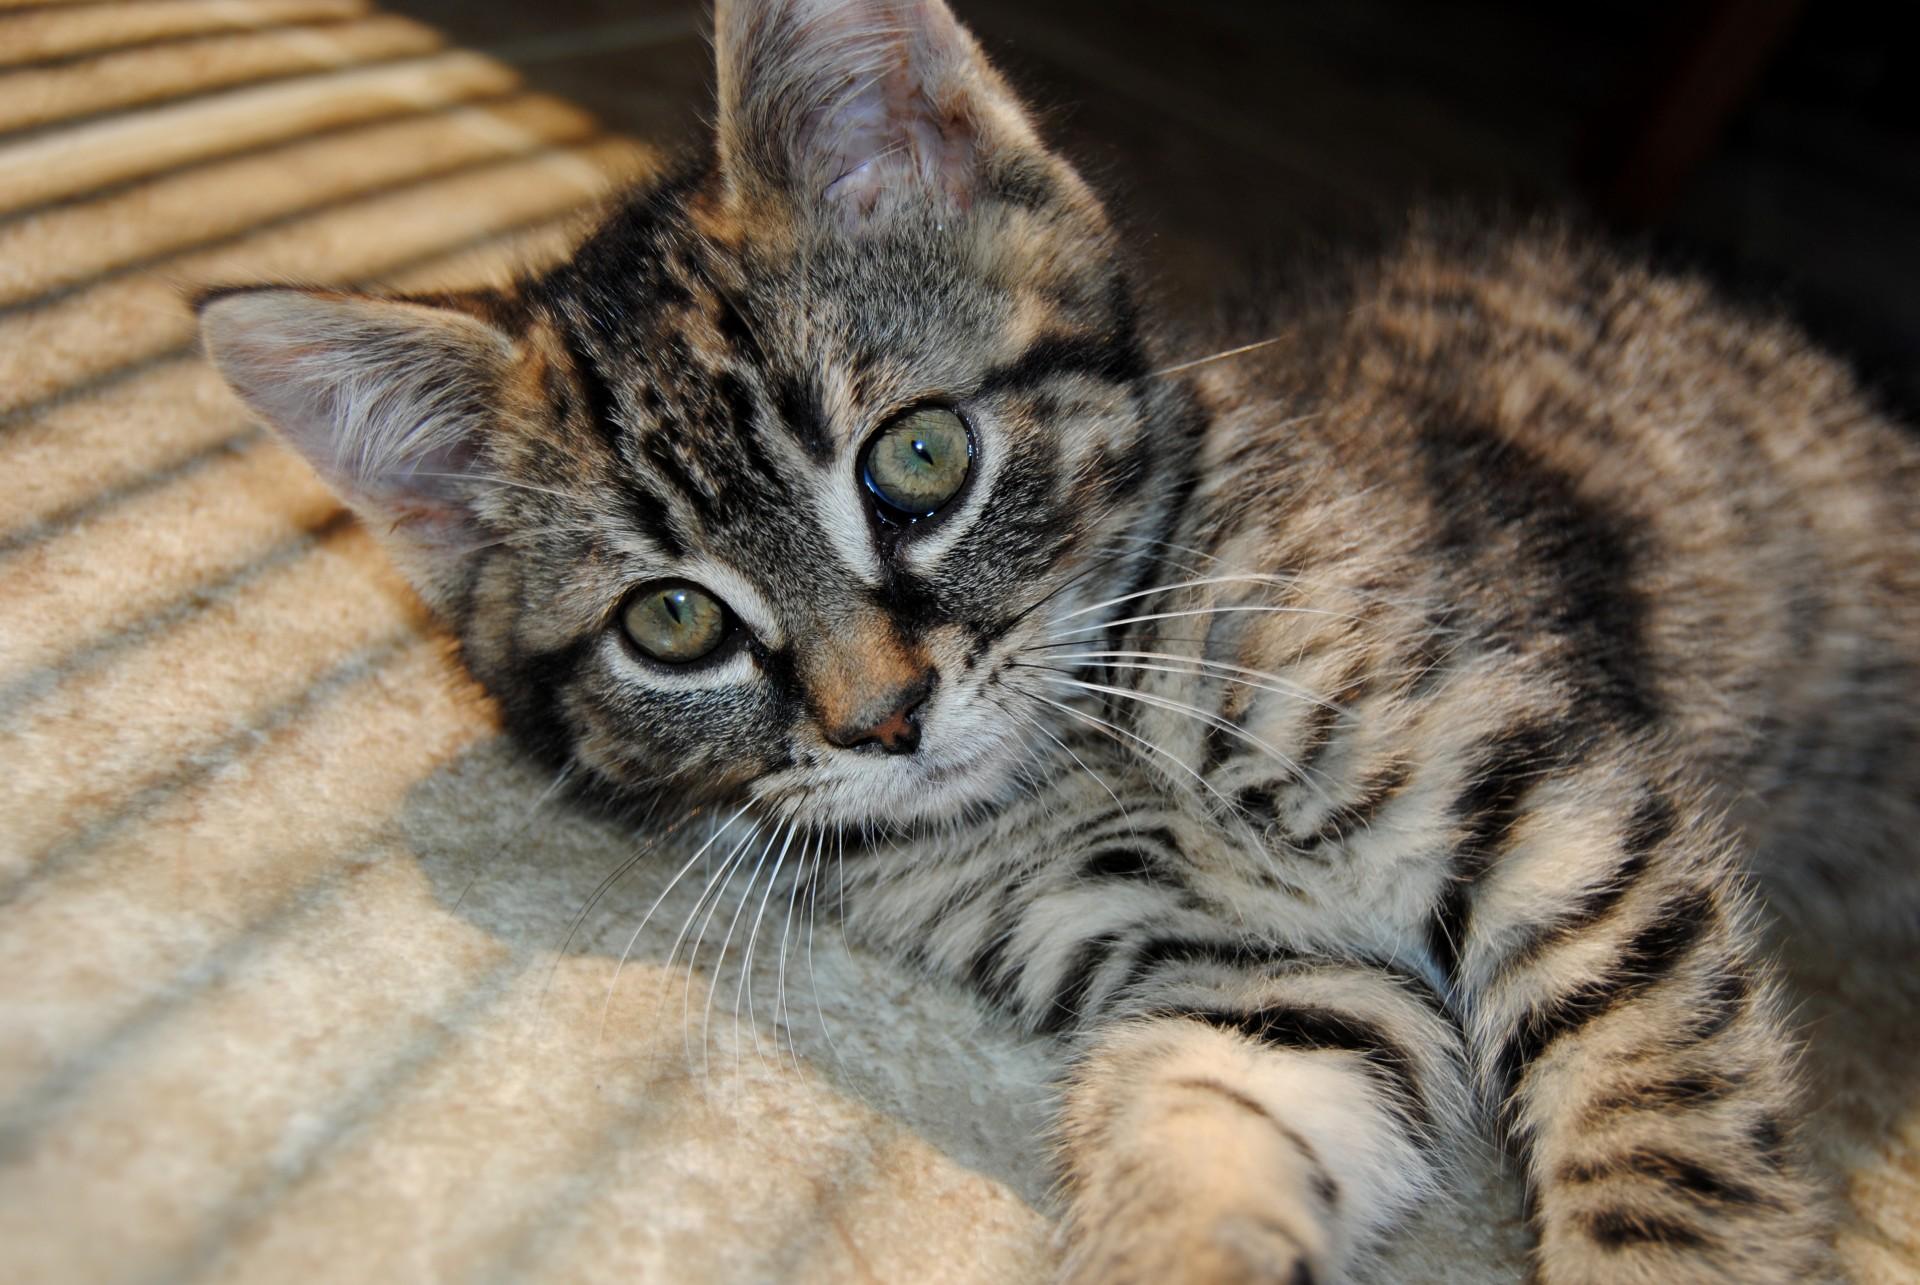 Cute Kitten public doiman